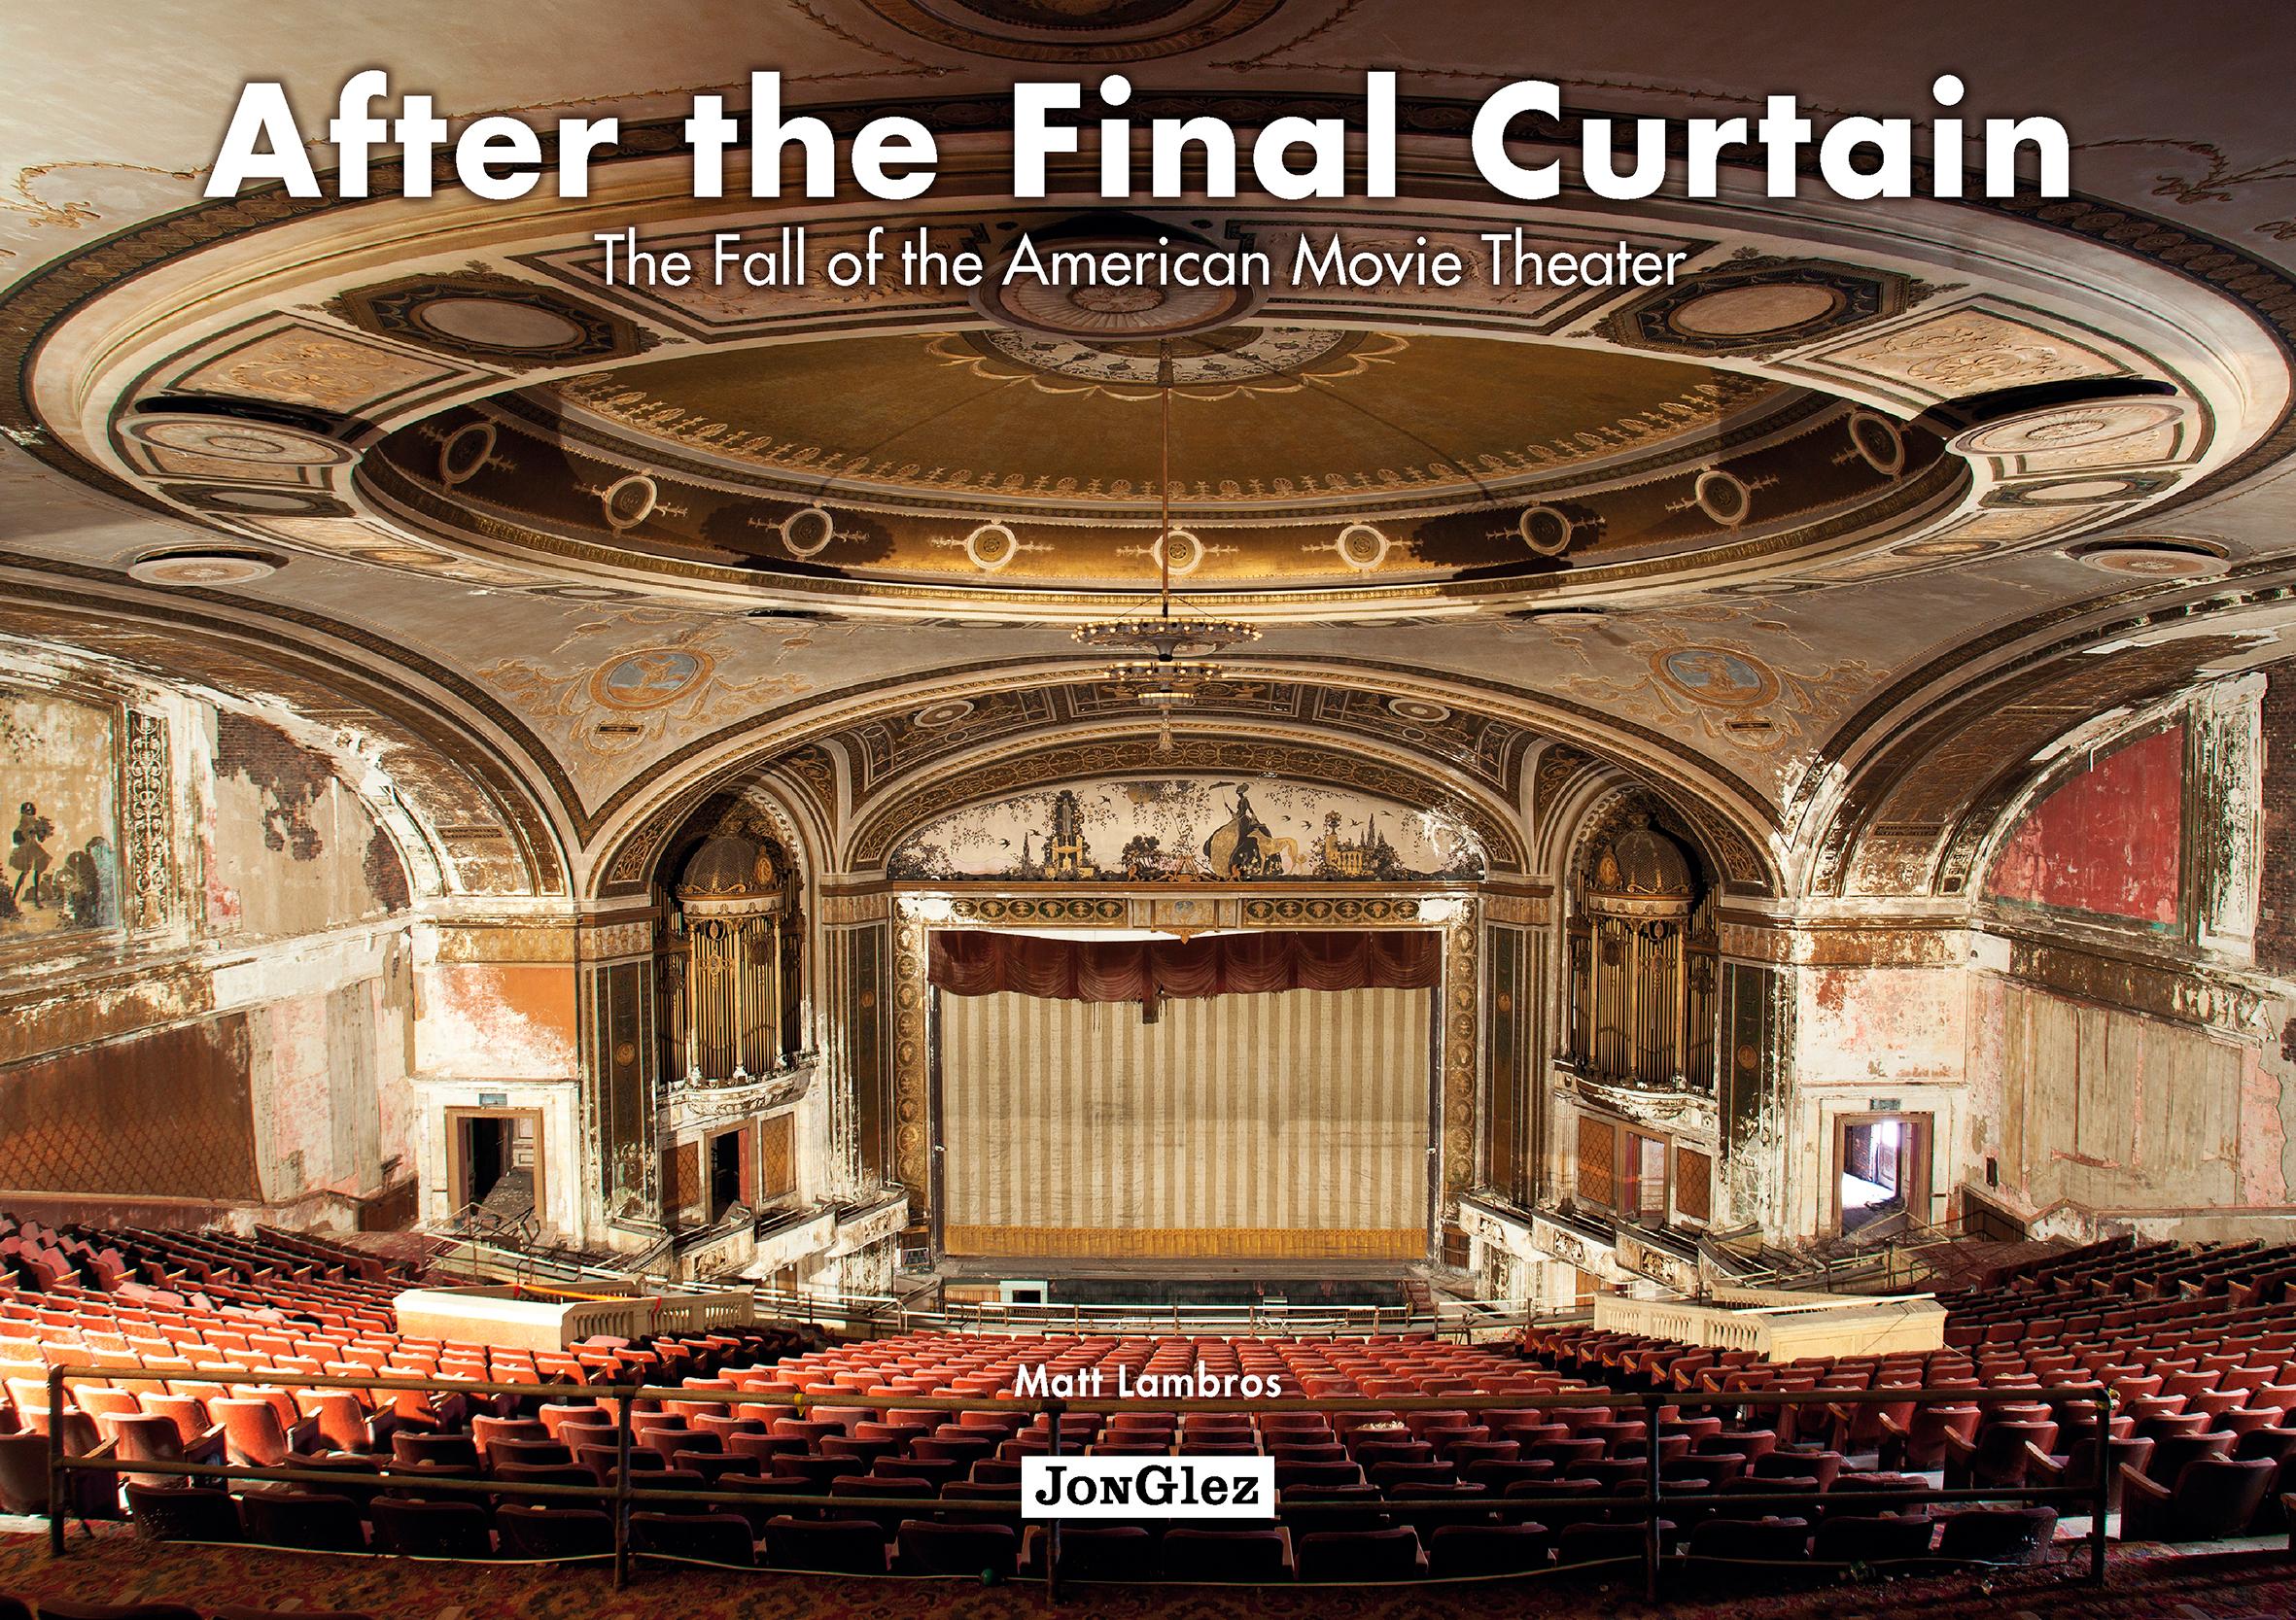 couv_final_curtain.jpg